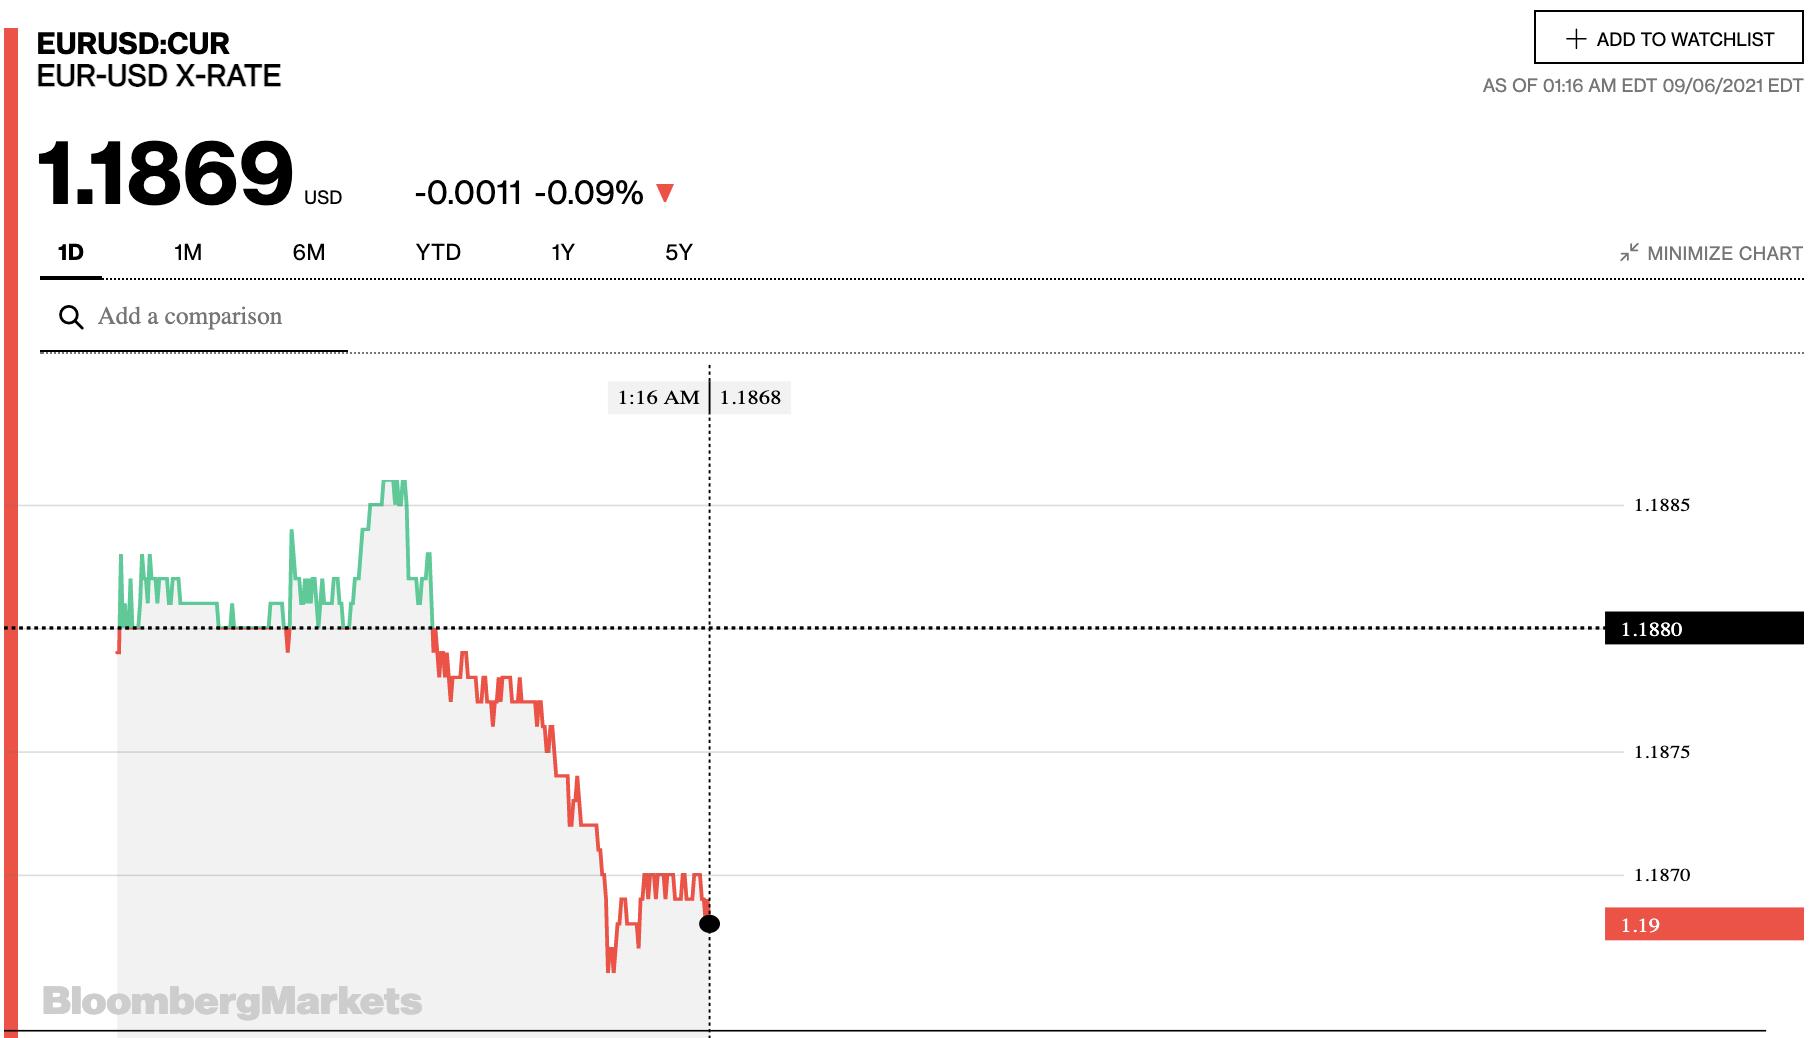 Tỷ giá euro hôm nay 6/9: Các ngân hàng trong nước và thị trường chợ đồng loạt tăng trong phiên đầu tuần - Ảnh 2.